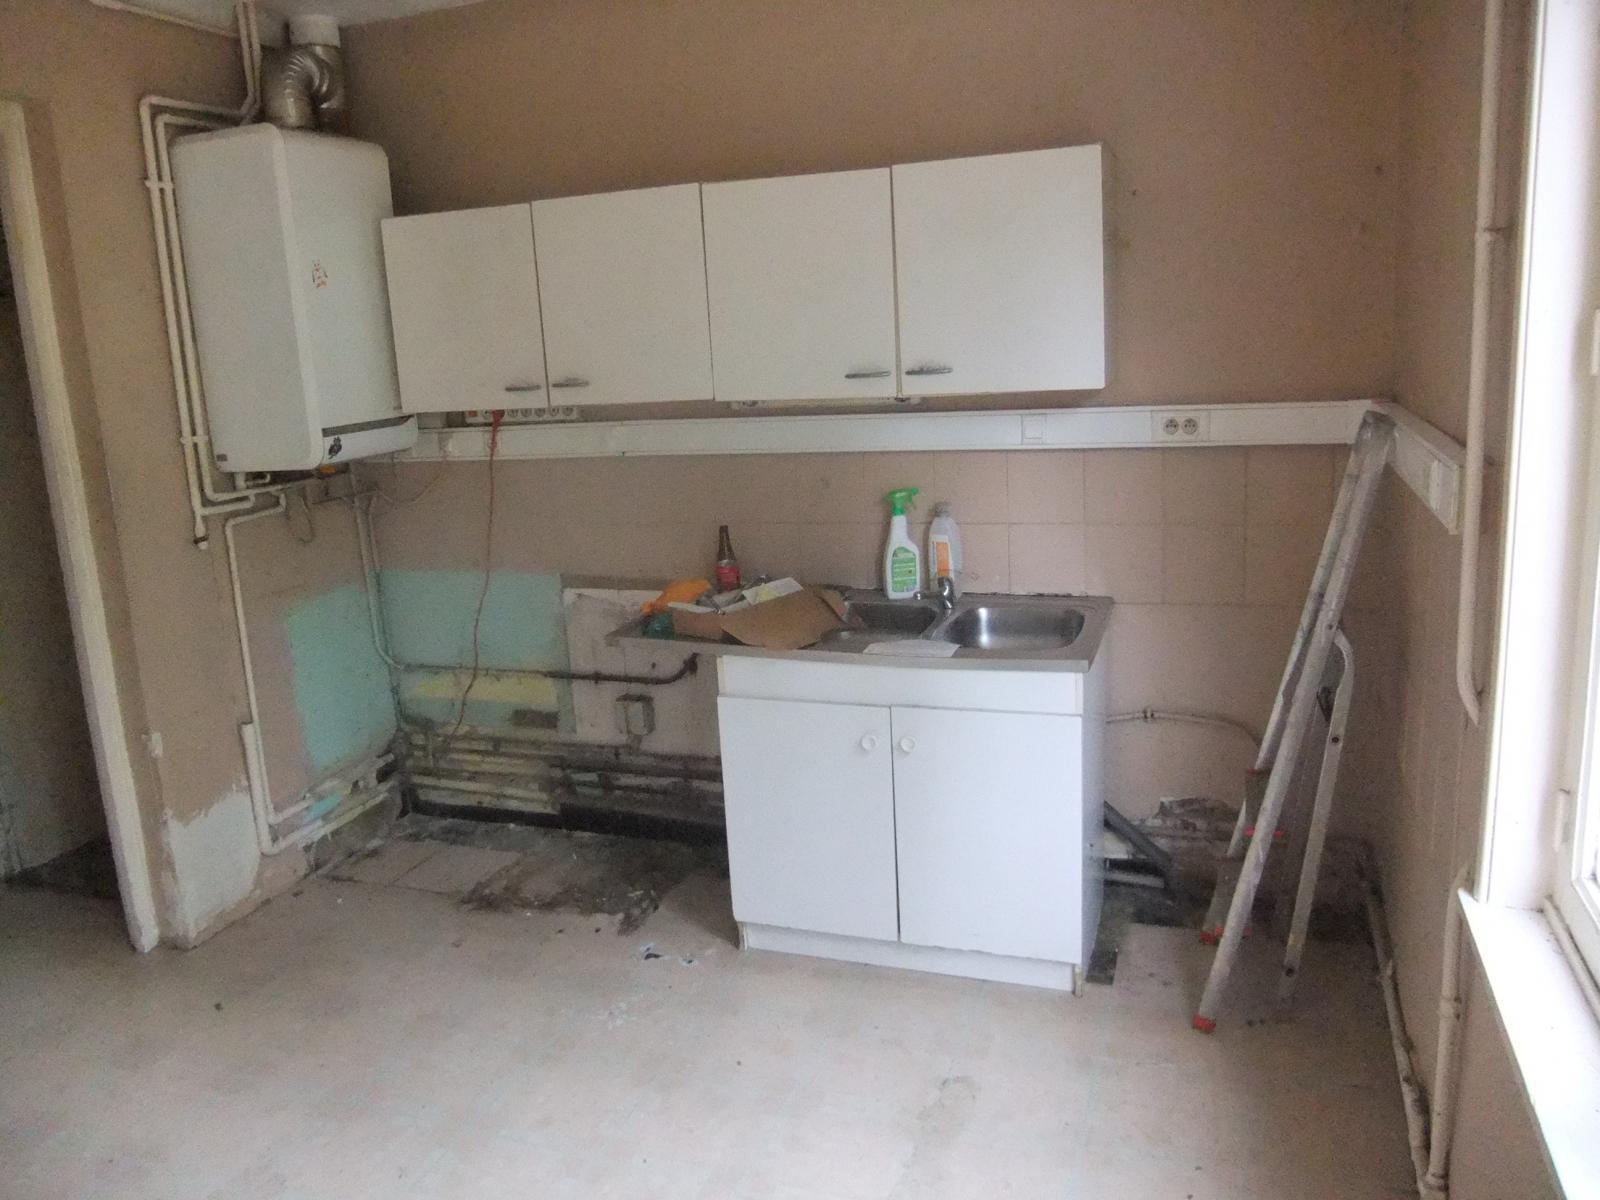 Installation lectrique de la cuisine est elle aux normes - Electricite cuisine norme ...